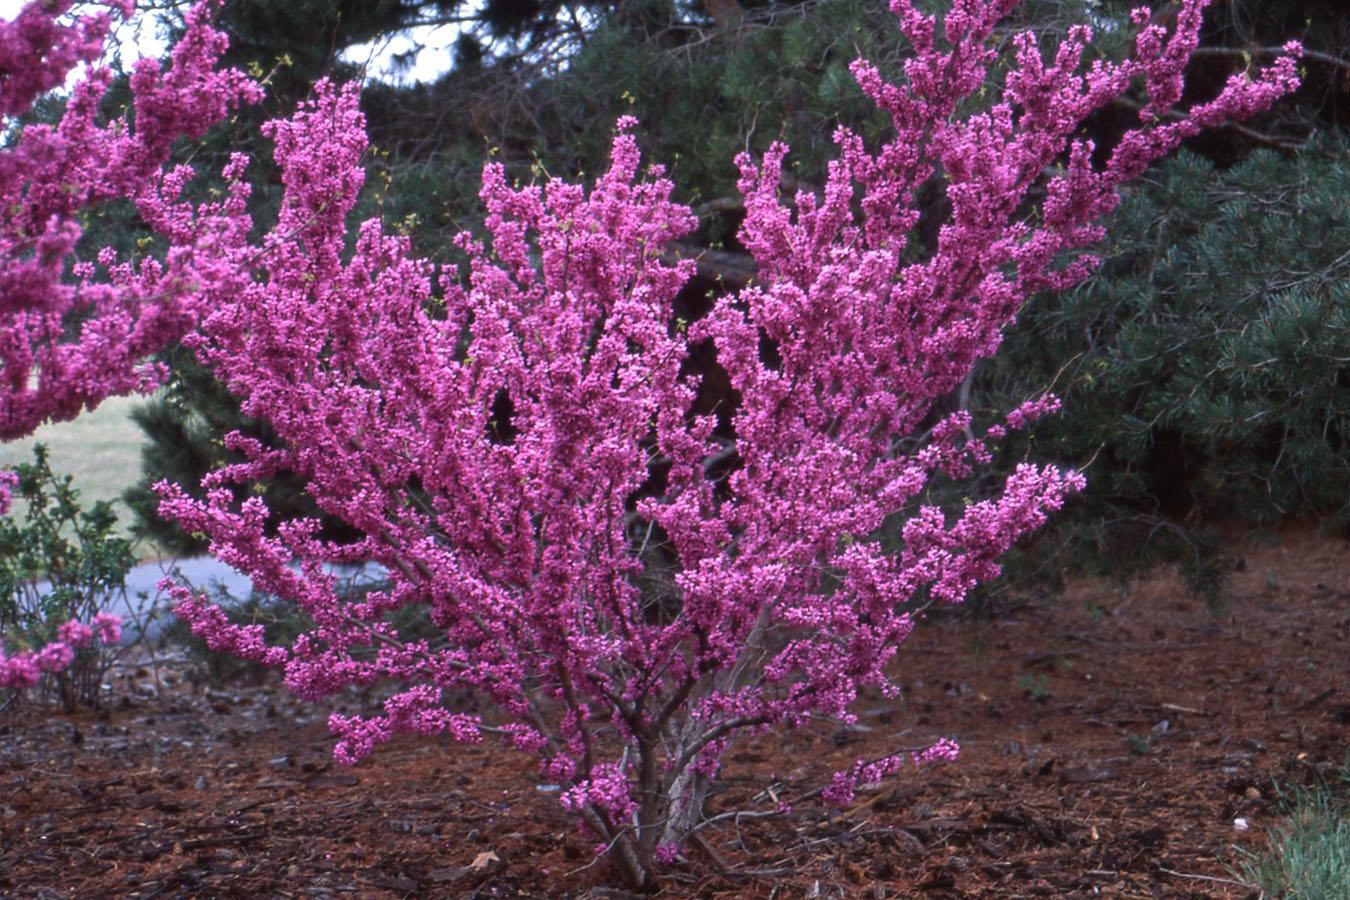 только декоративные розовые деревья названия и фото версию фигуры